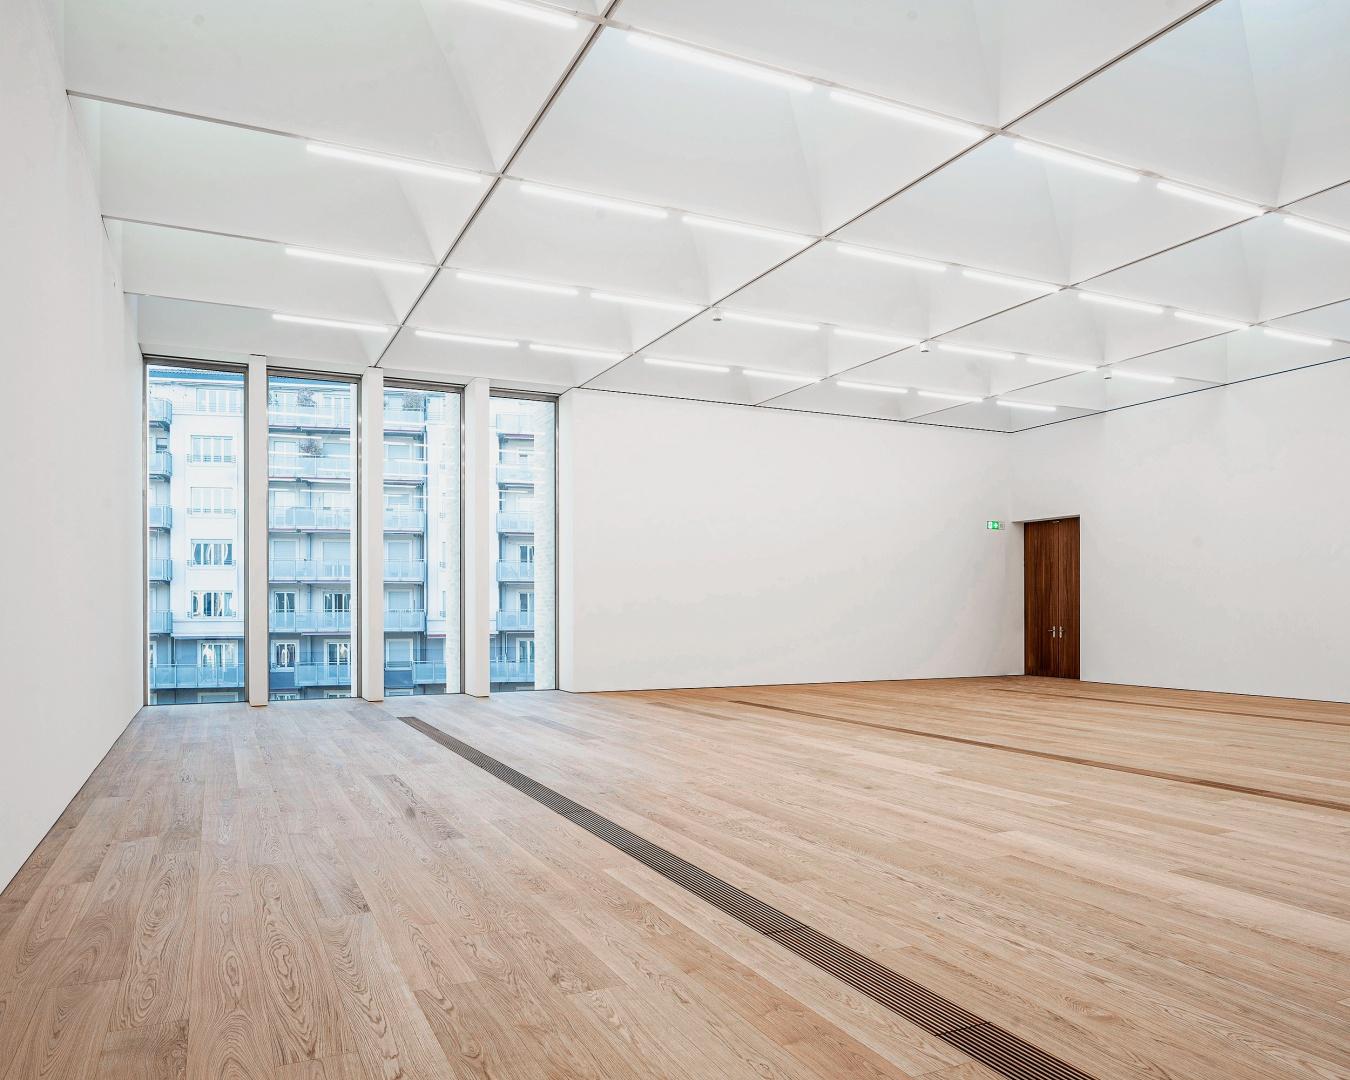 Au rez-de-chaussée de l'édifice, le musée accueille  la collection Félix Vallotton  et la Fondation Toms Pauli. Aux étages, dans les deux ailes symétriques, des  salles abritent les expositions.  © Matthieu Gafsou